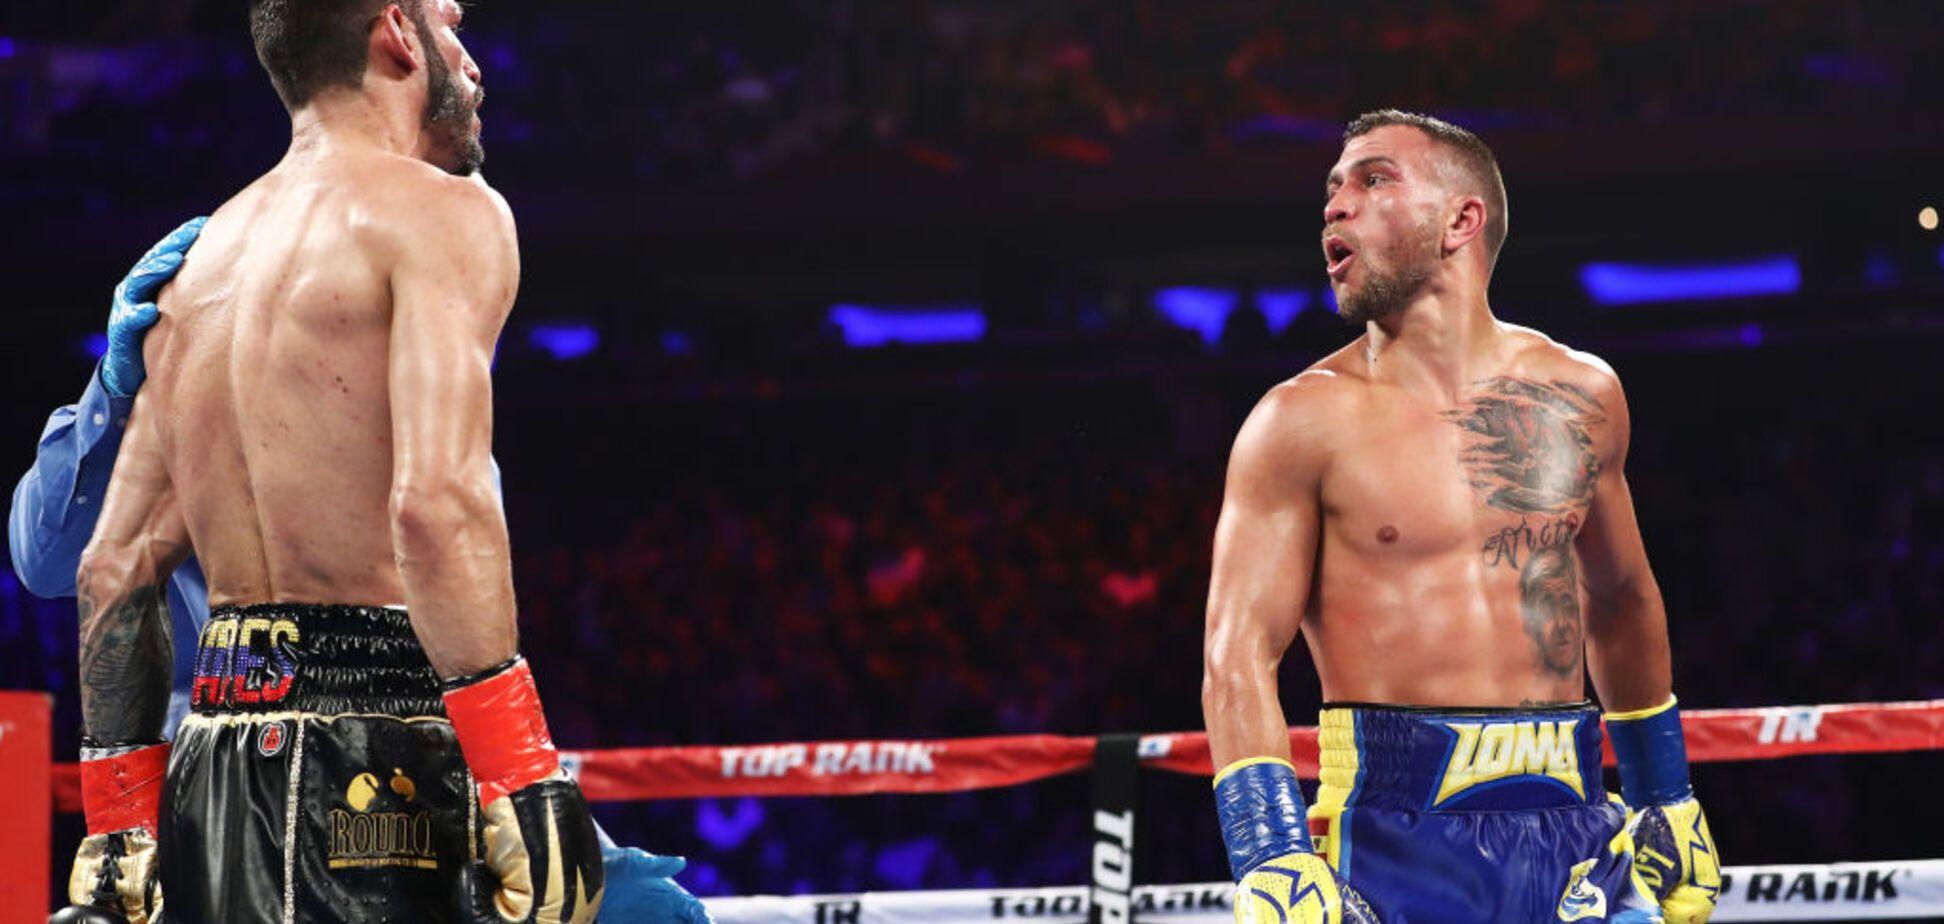 'Магия бокса': Ломаченко привел в восторг британские СМИ